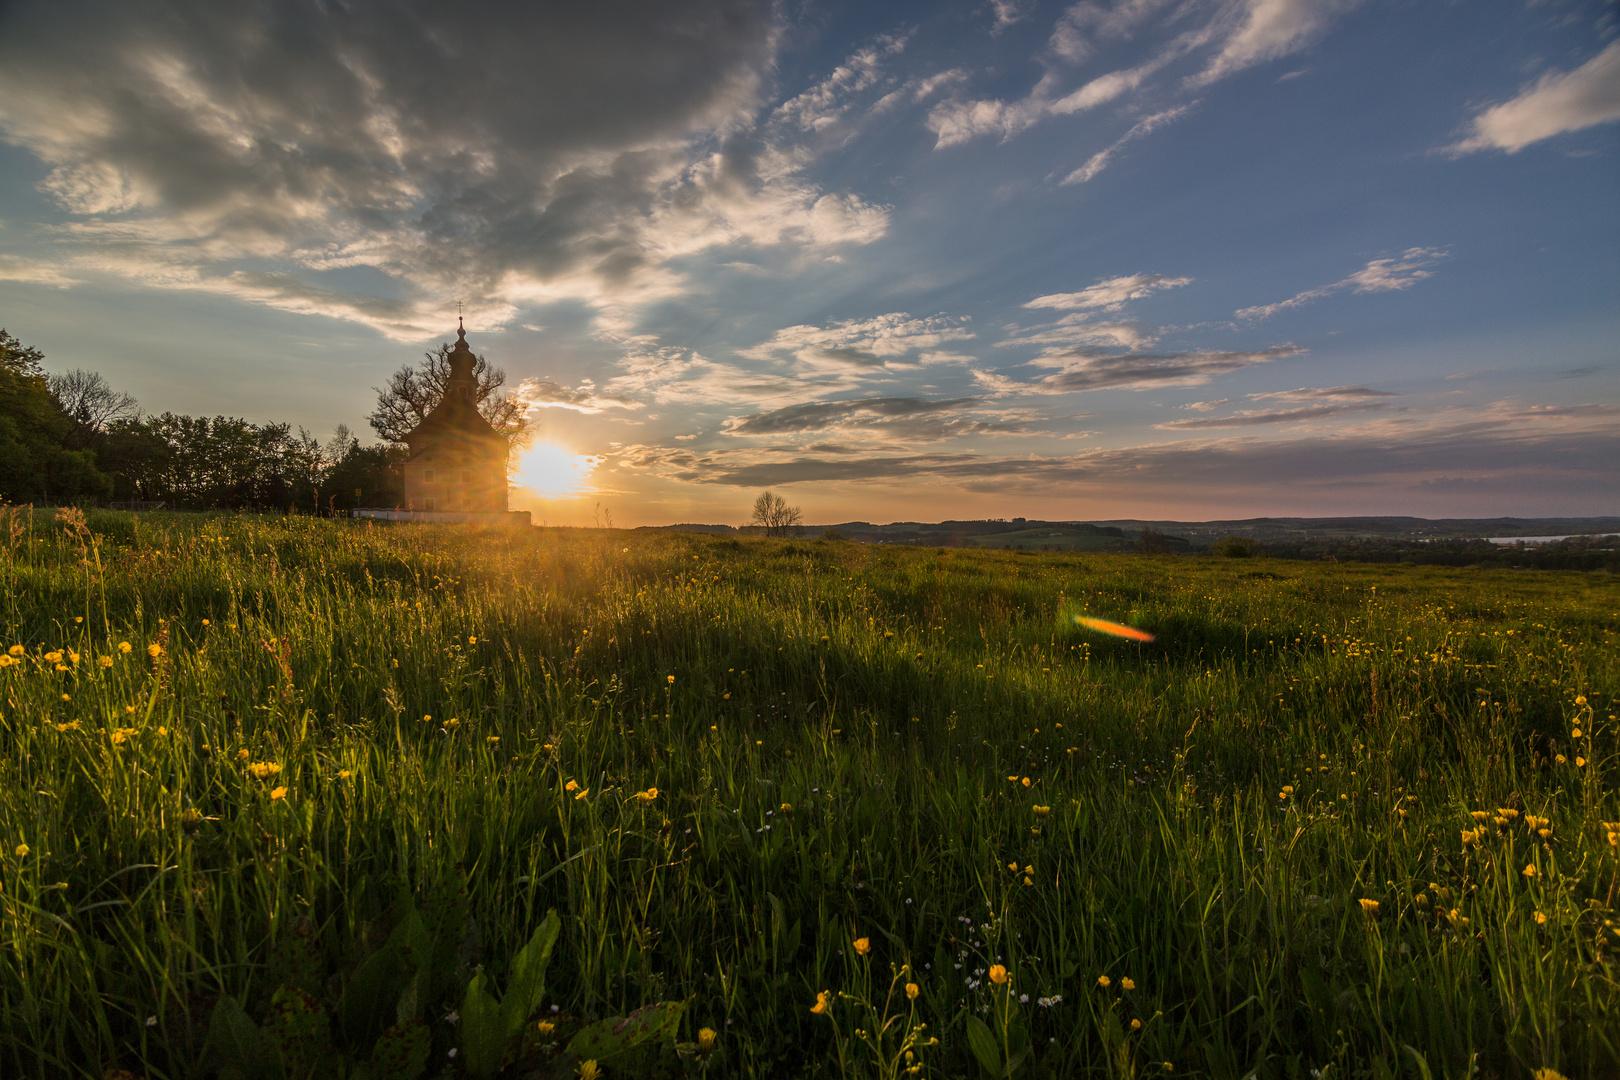 Sonnenuntergang auf dem Mühlberg bei Waging